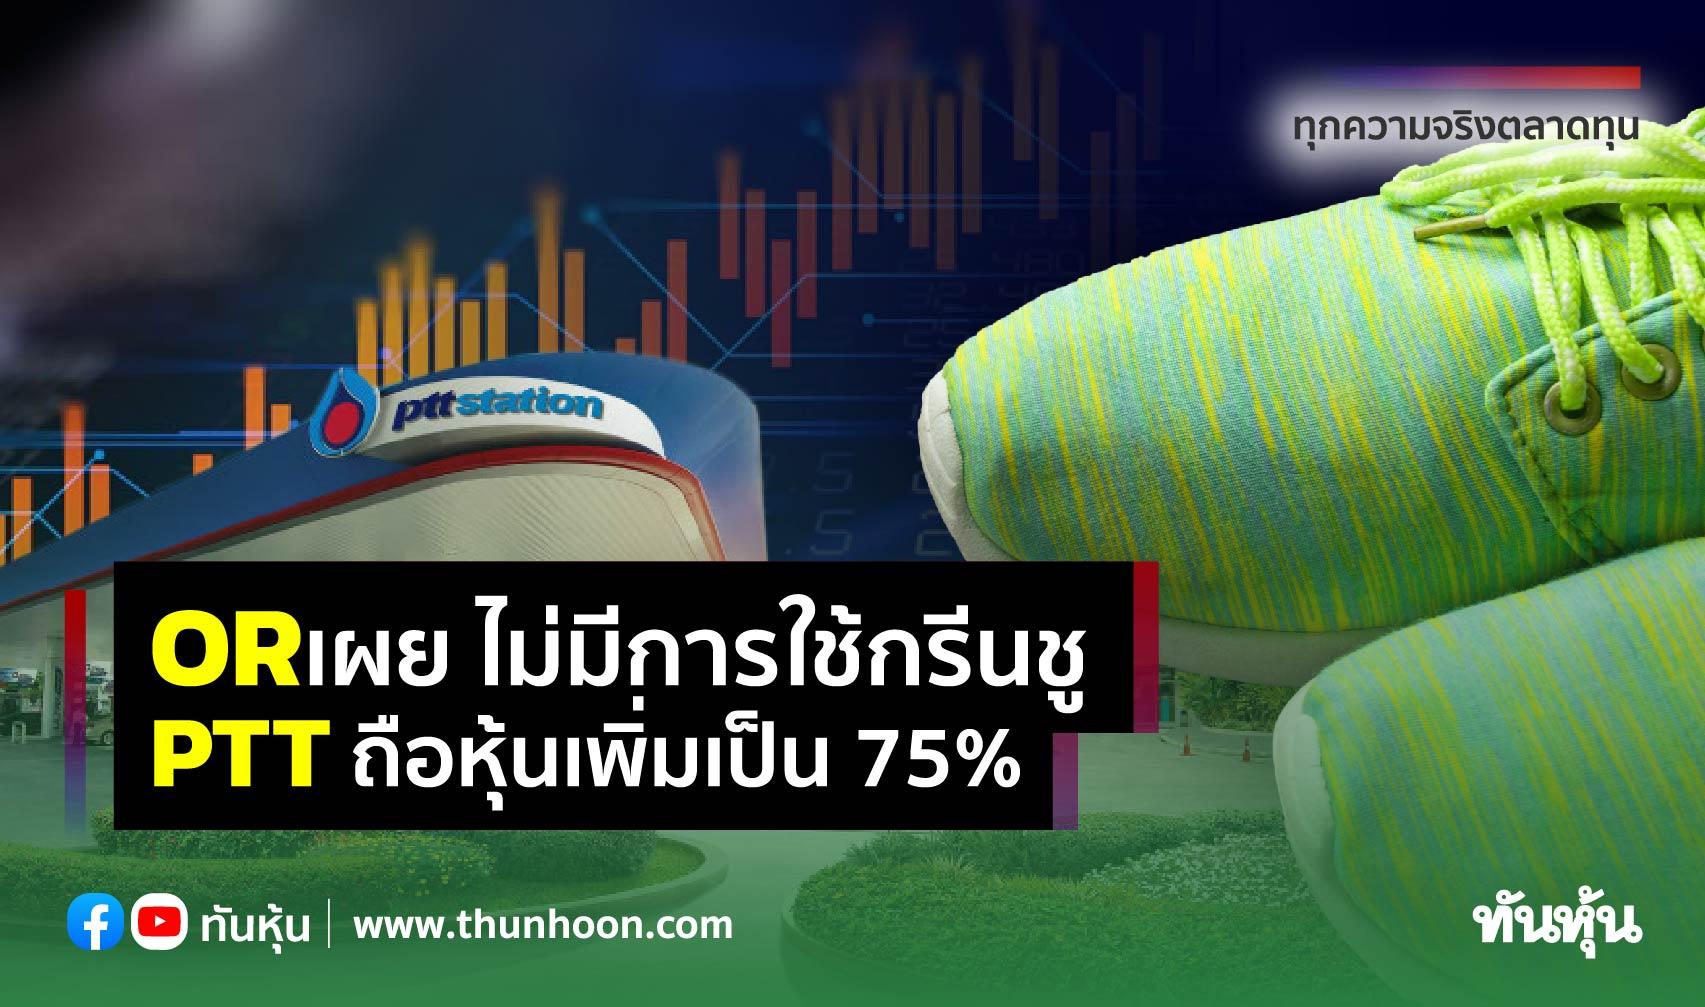 OR เผยไม่มีการใช้กรีนชู , PTT ถือหุ้นเพิ่มเป็น 75%